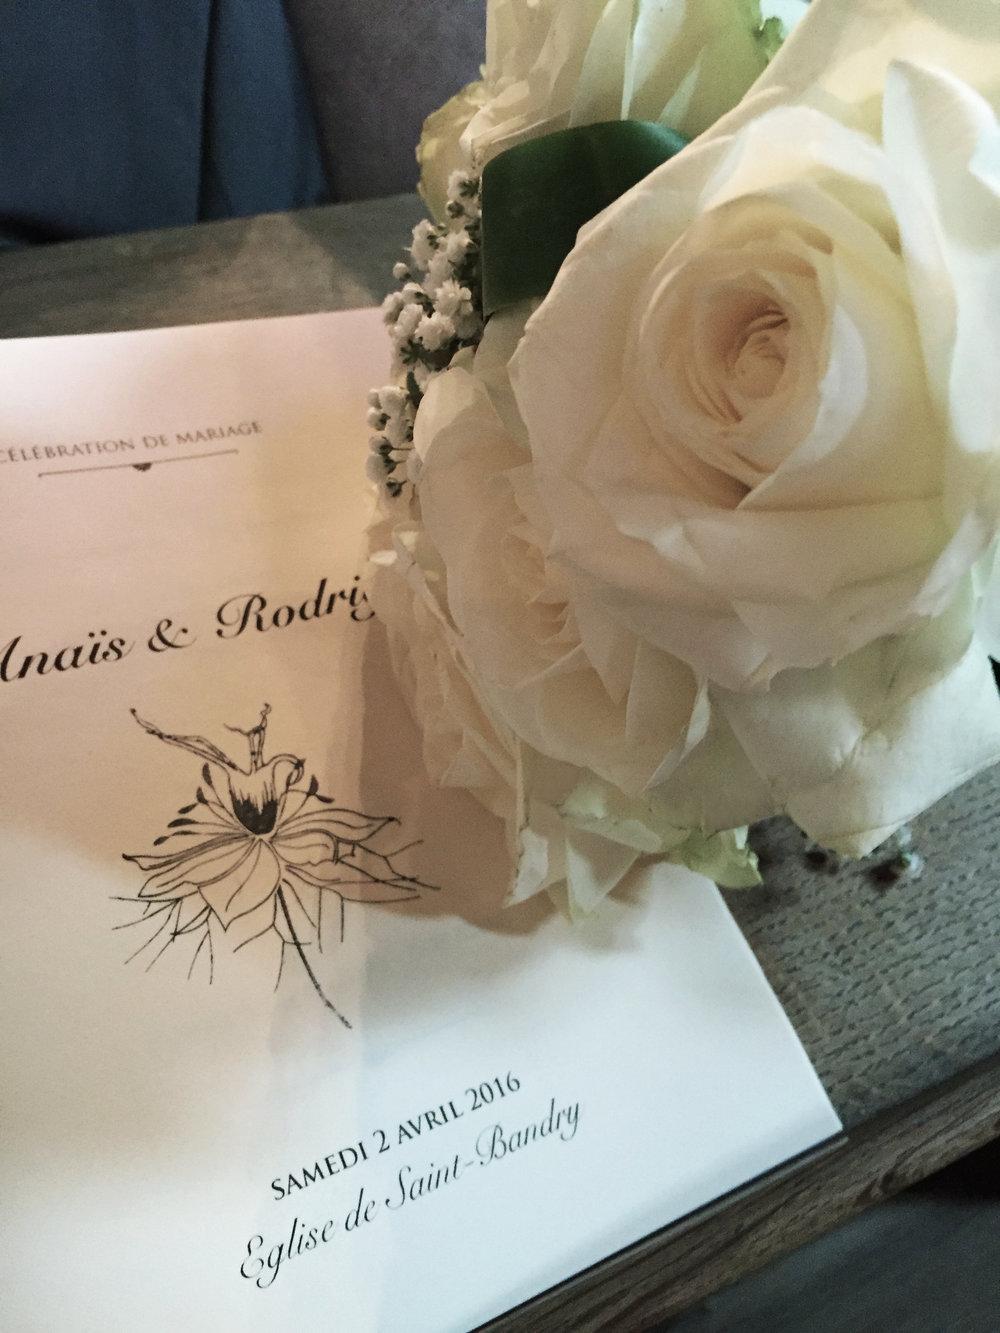 ClarisseDubus-WeddingInvitation-AR-5.JPG